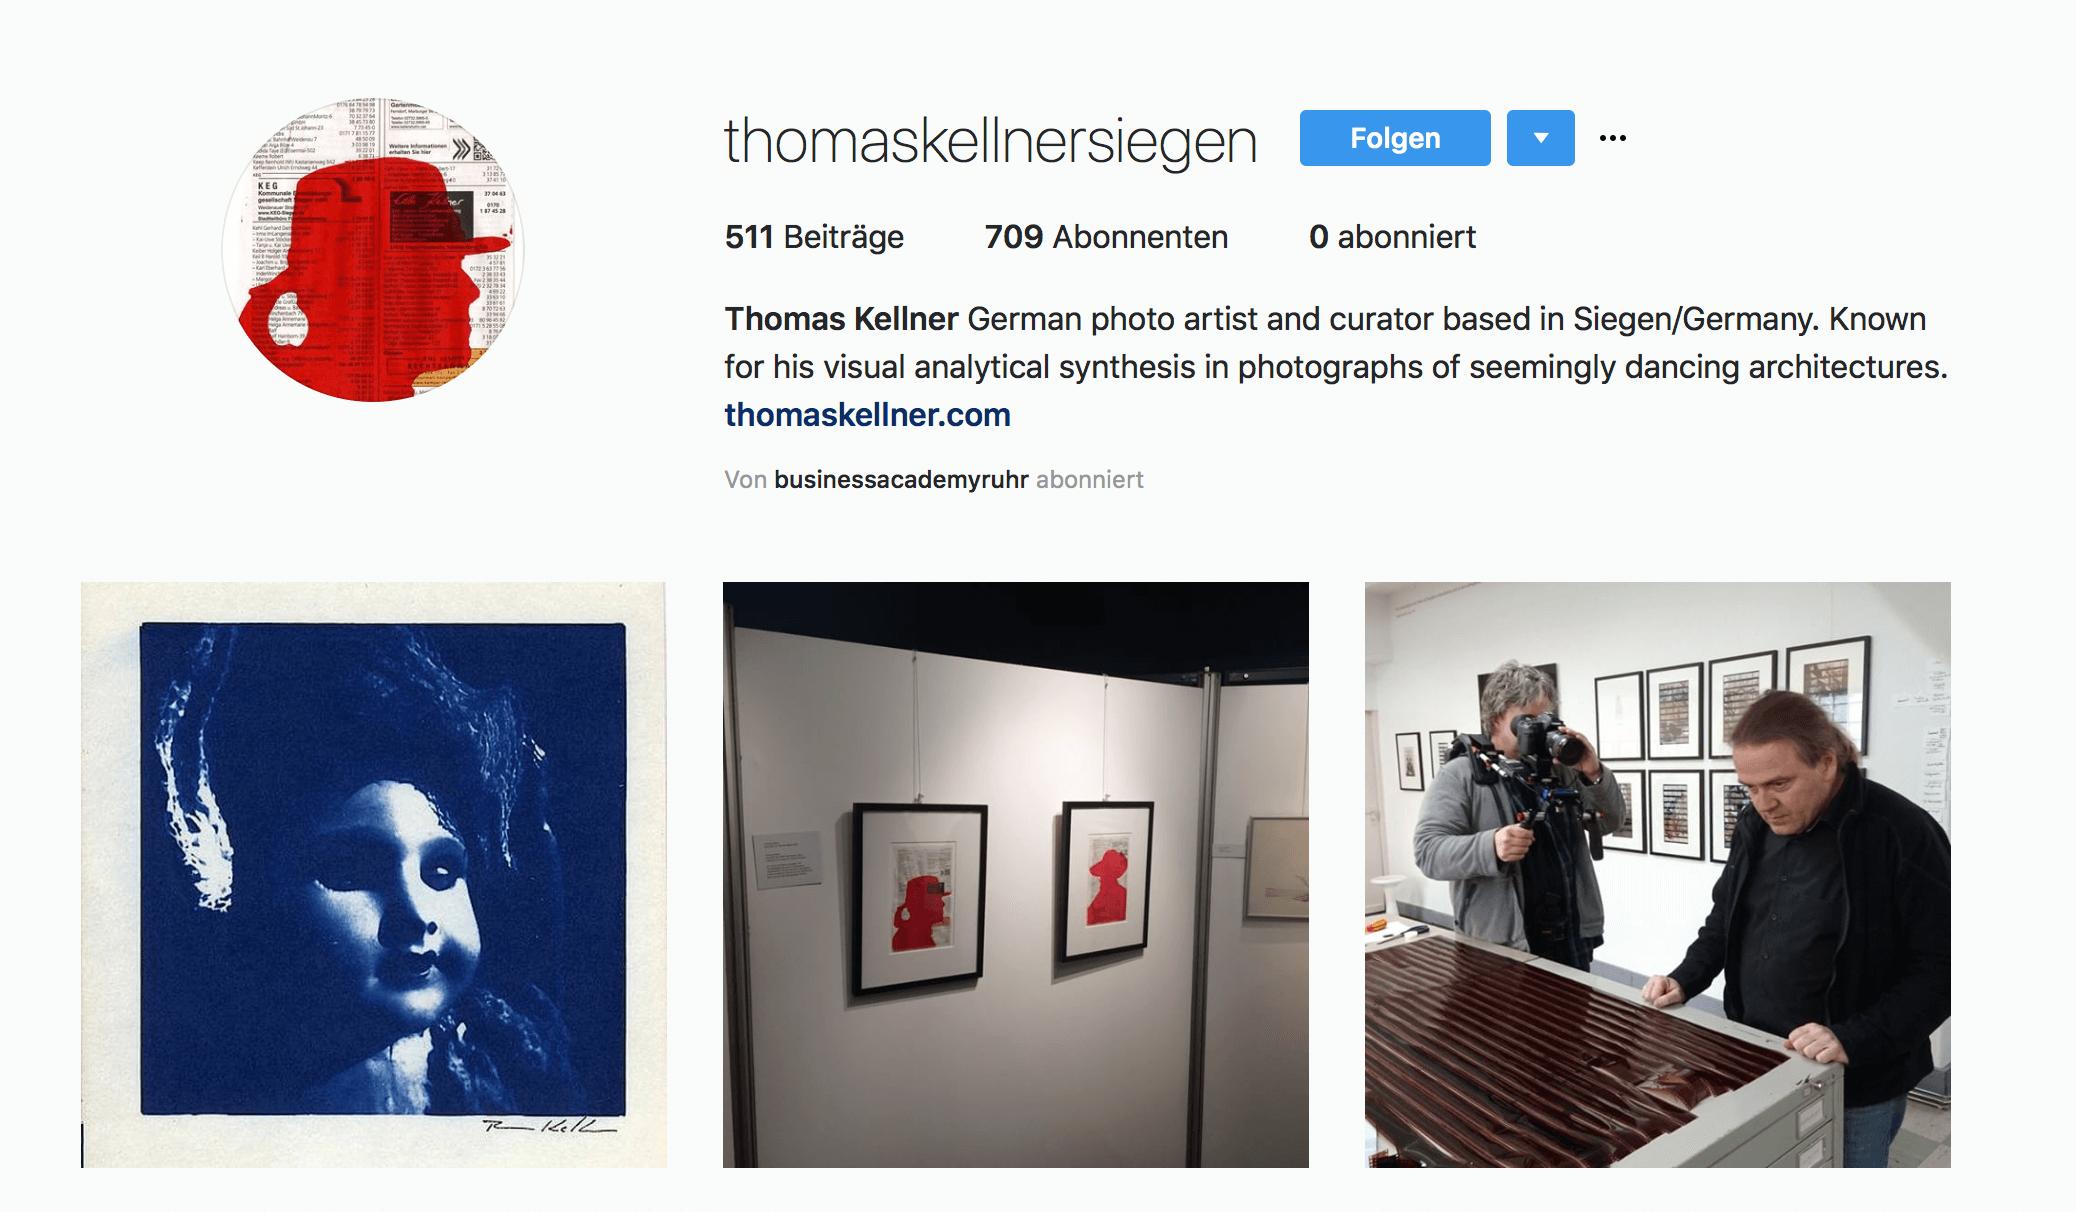 Das Bild zeigt einen Instagram-Feed des Künstlers Thomas Kellner. Zu sehen sind drei Fotos, die er gepostet hat